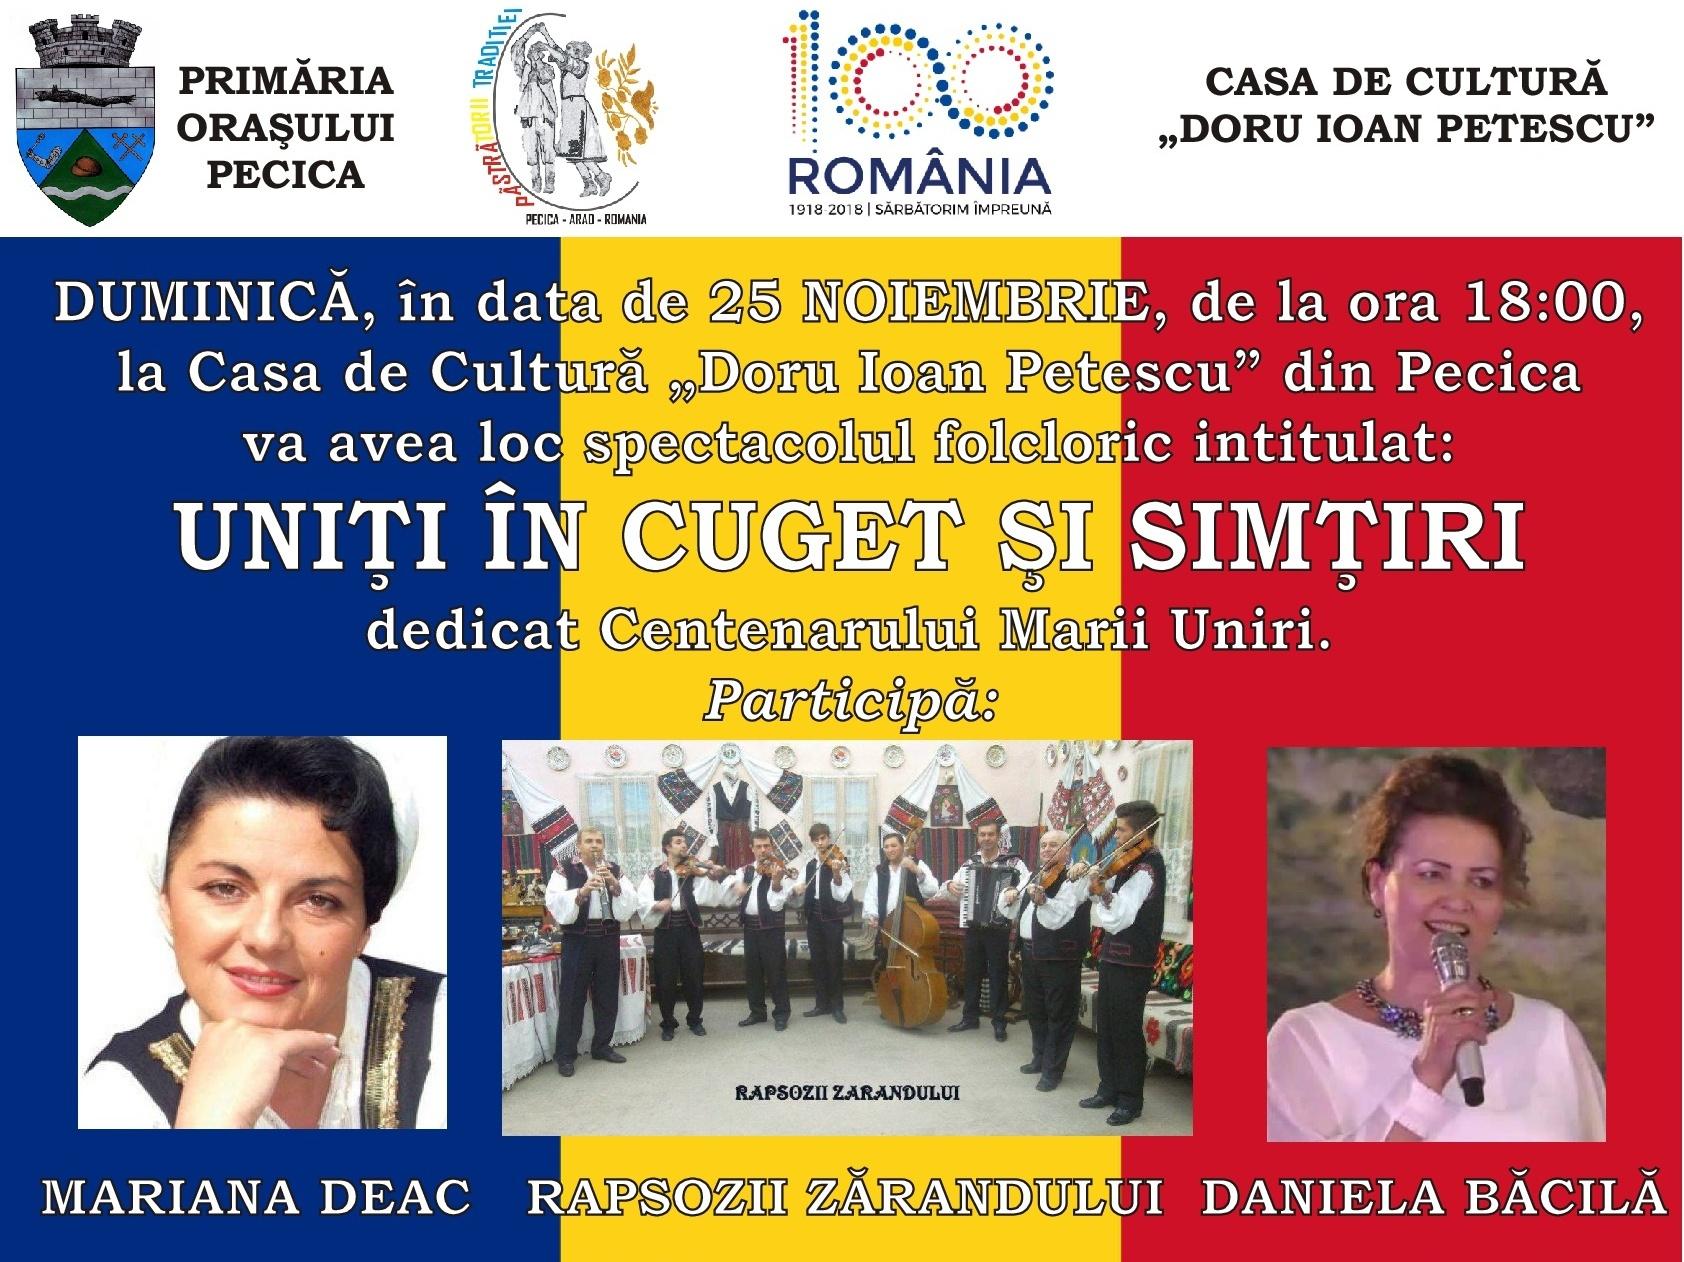 Spectacol folcloric dedicat Centenarului Marii Uniri